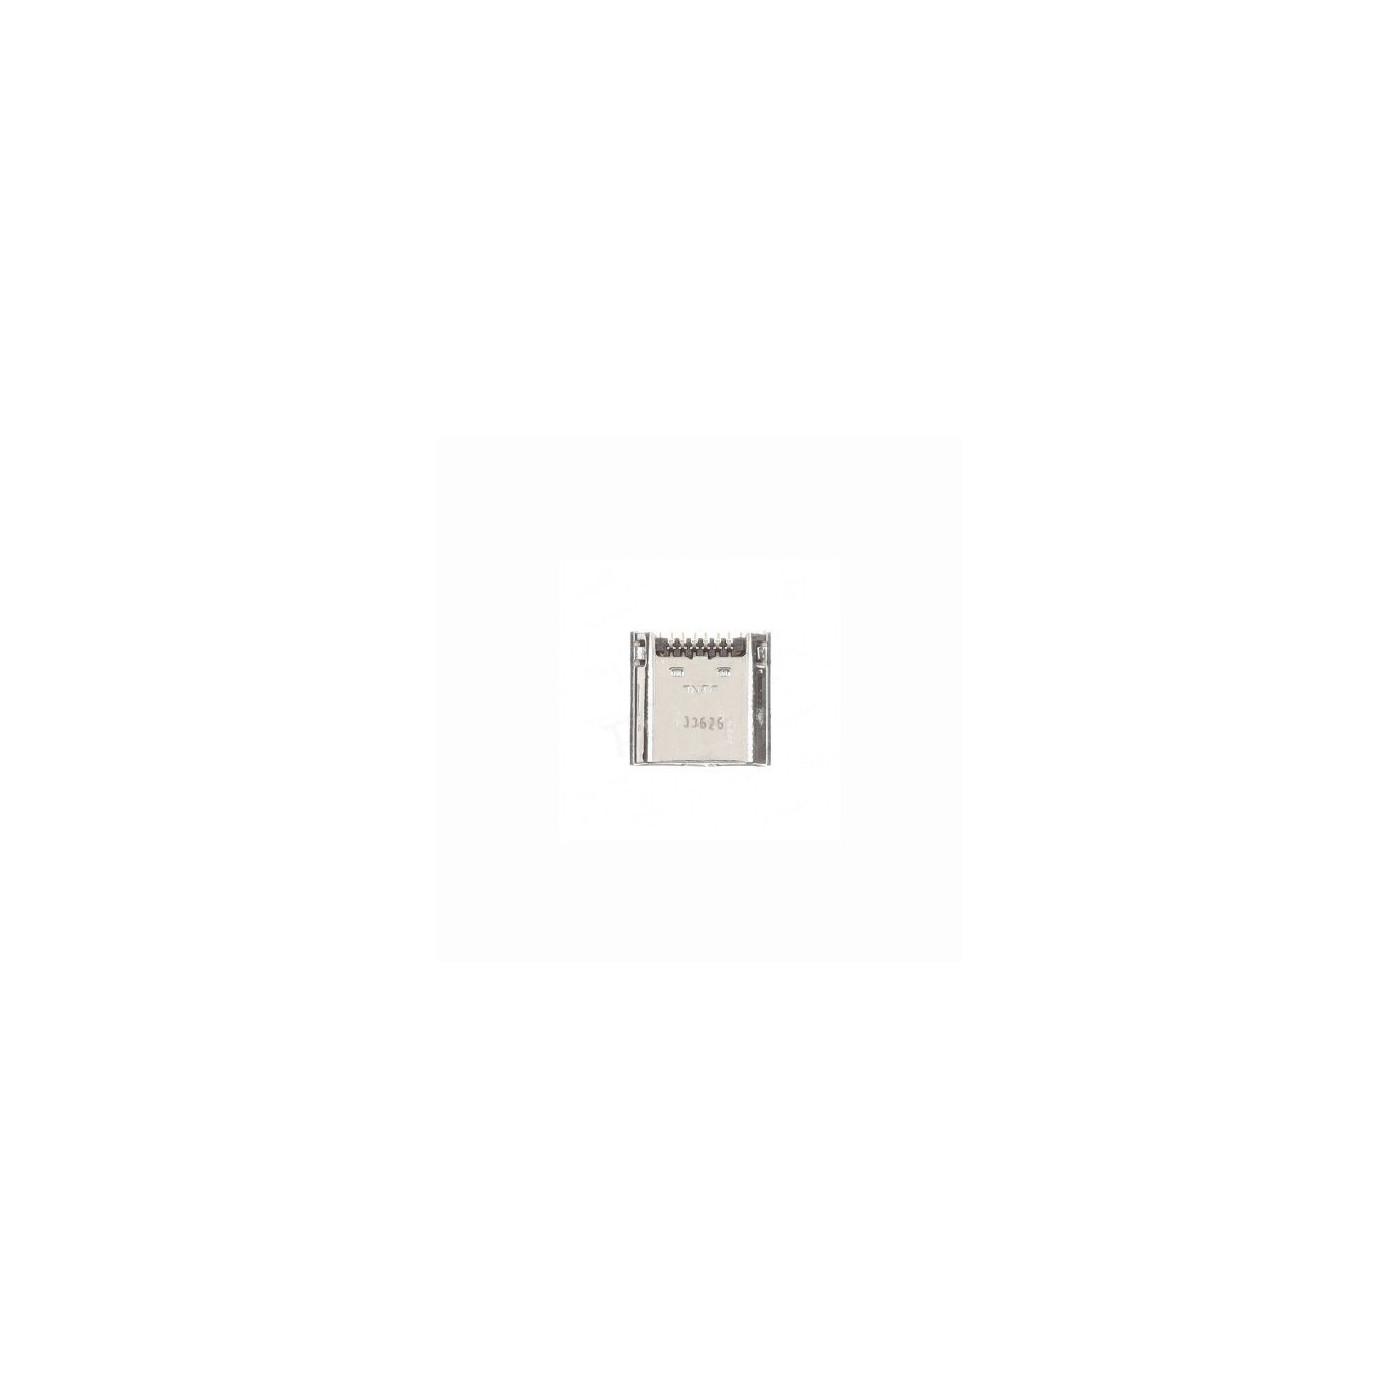 Base de carga de datos plana del conector de carga Samsung Galaxy Tab 3 T210